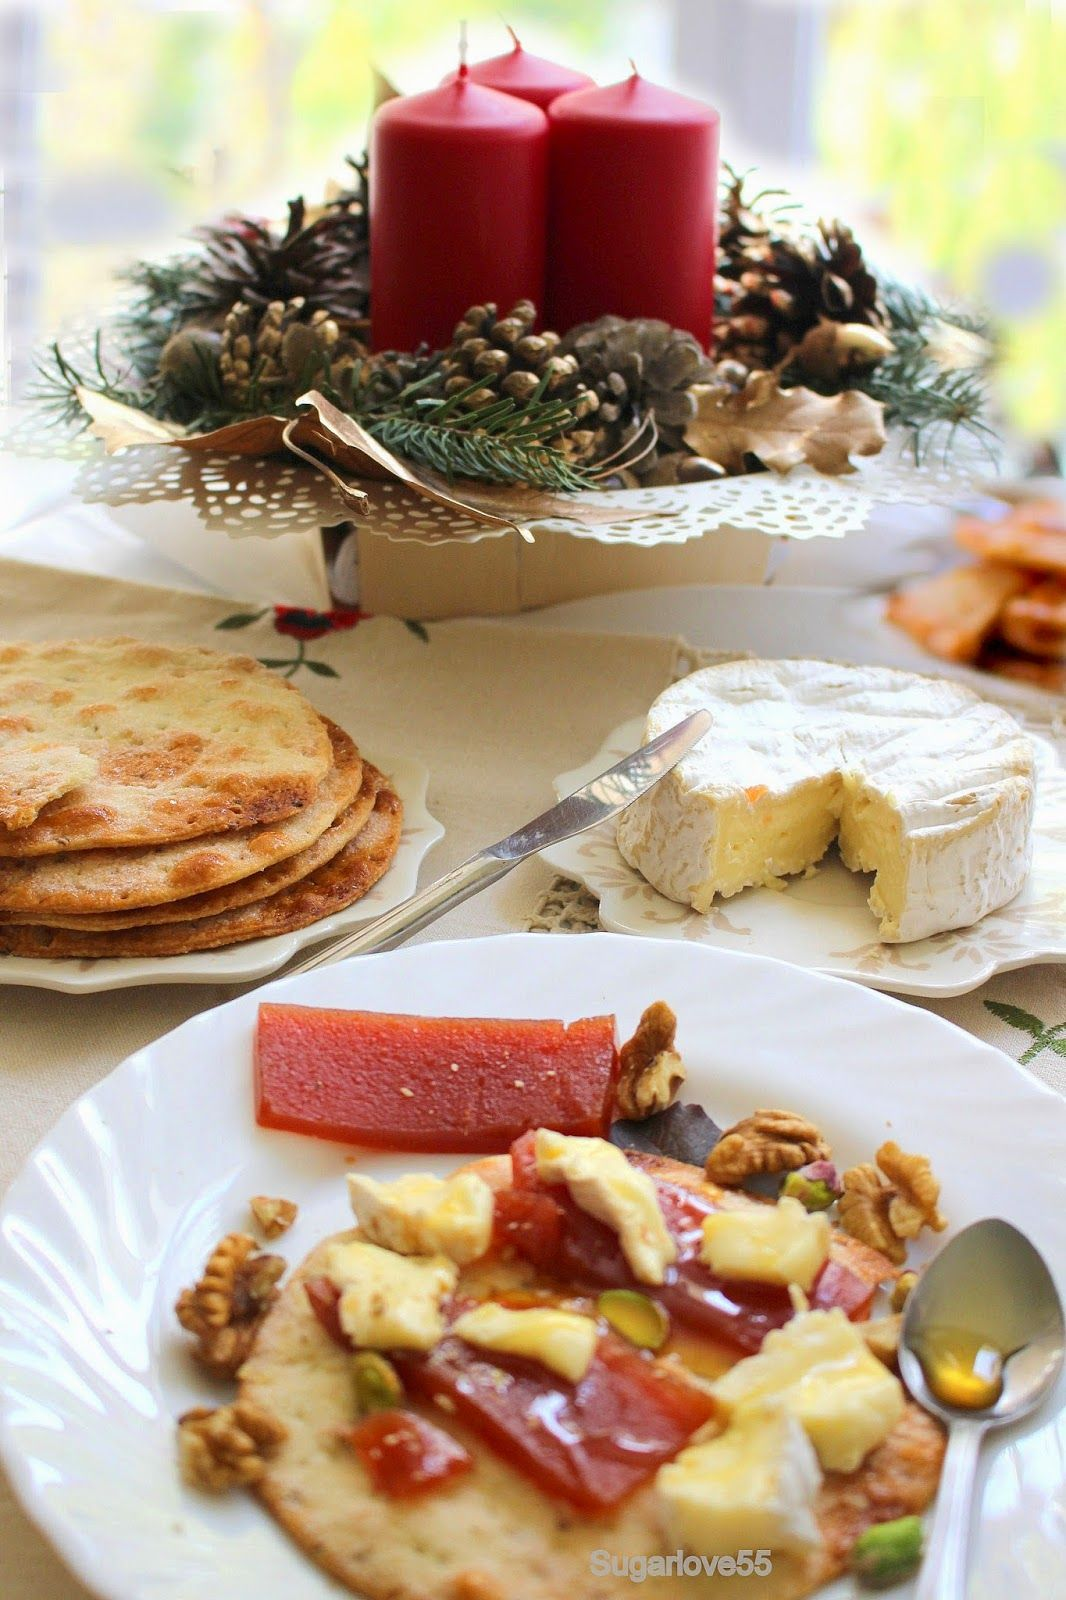 Sugarlove55: Tortas artesanas de aceite de oliva con queso, mem...